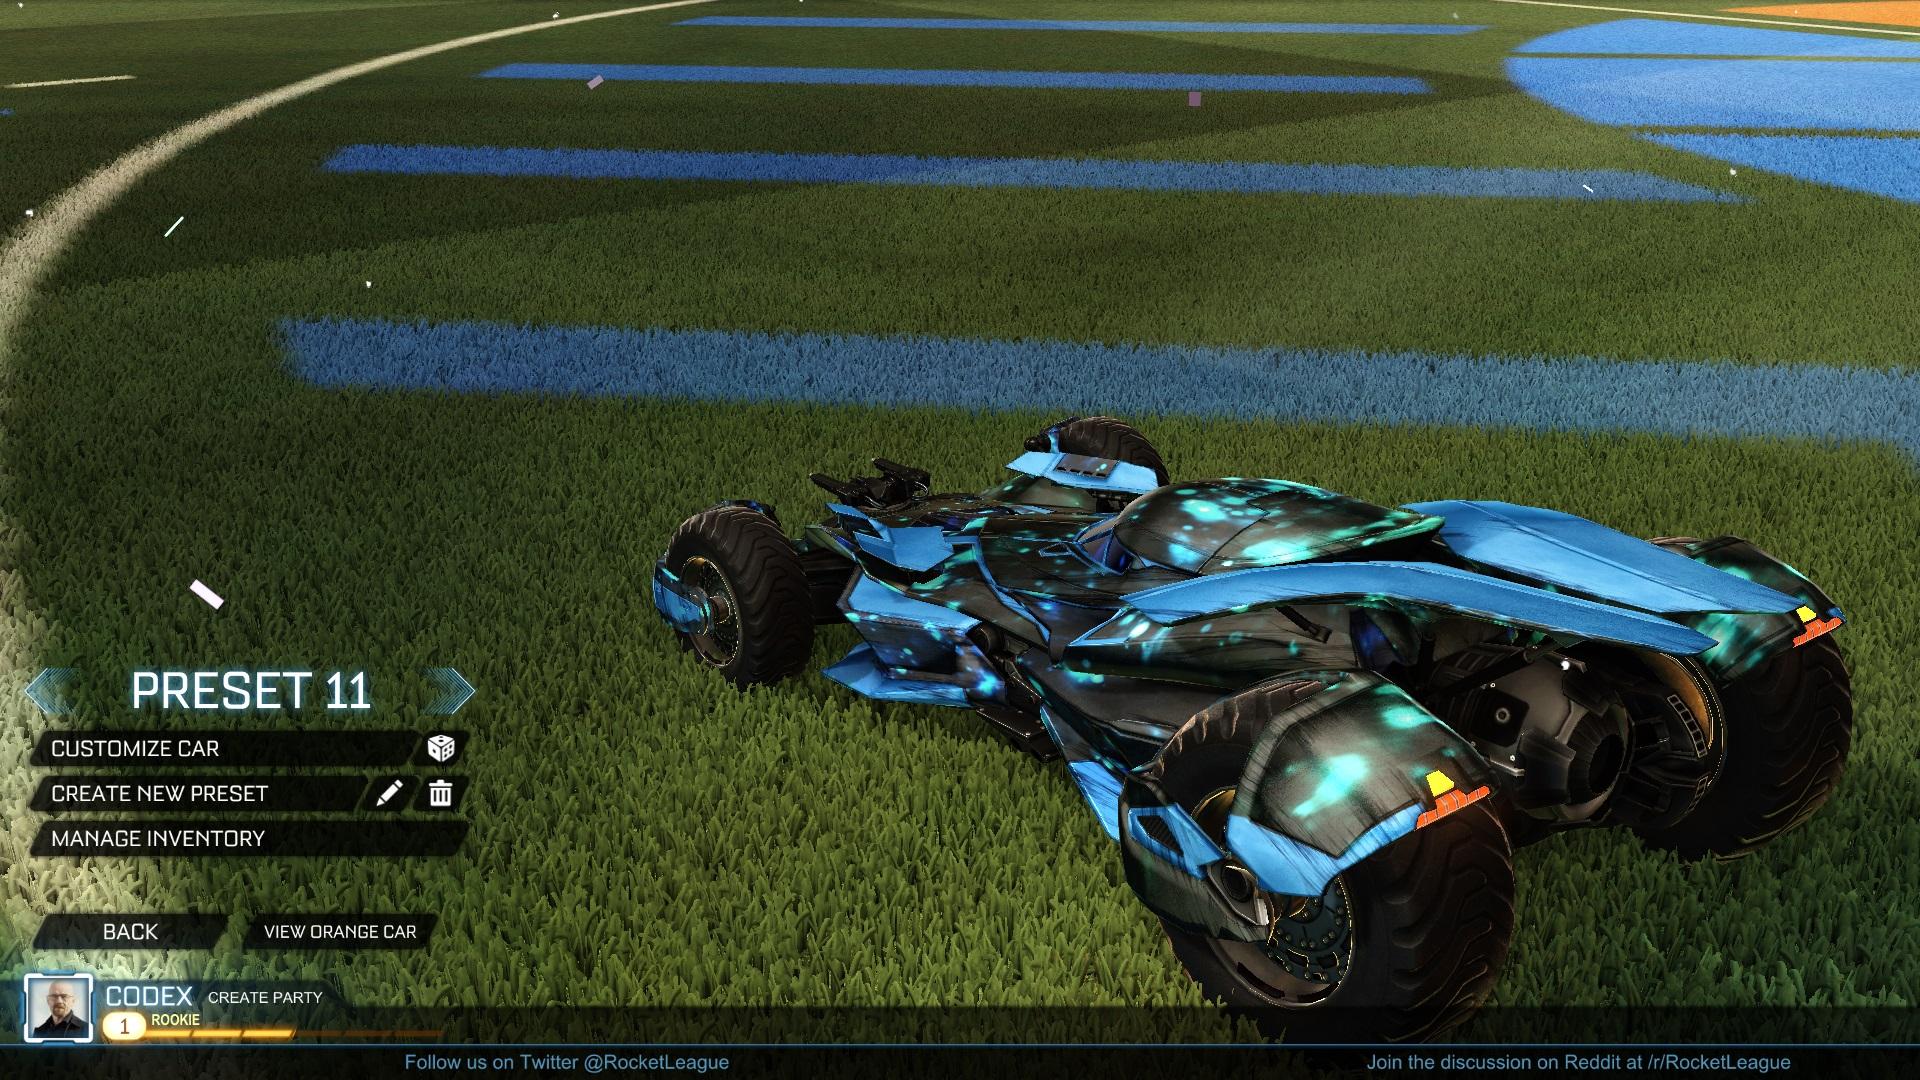 Blue light Batmobile